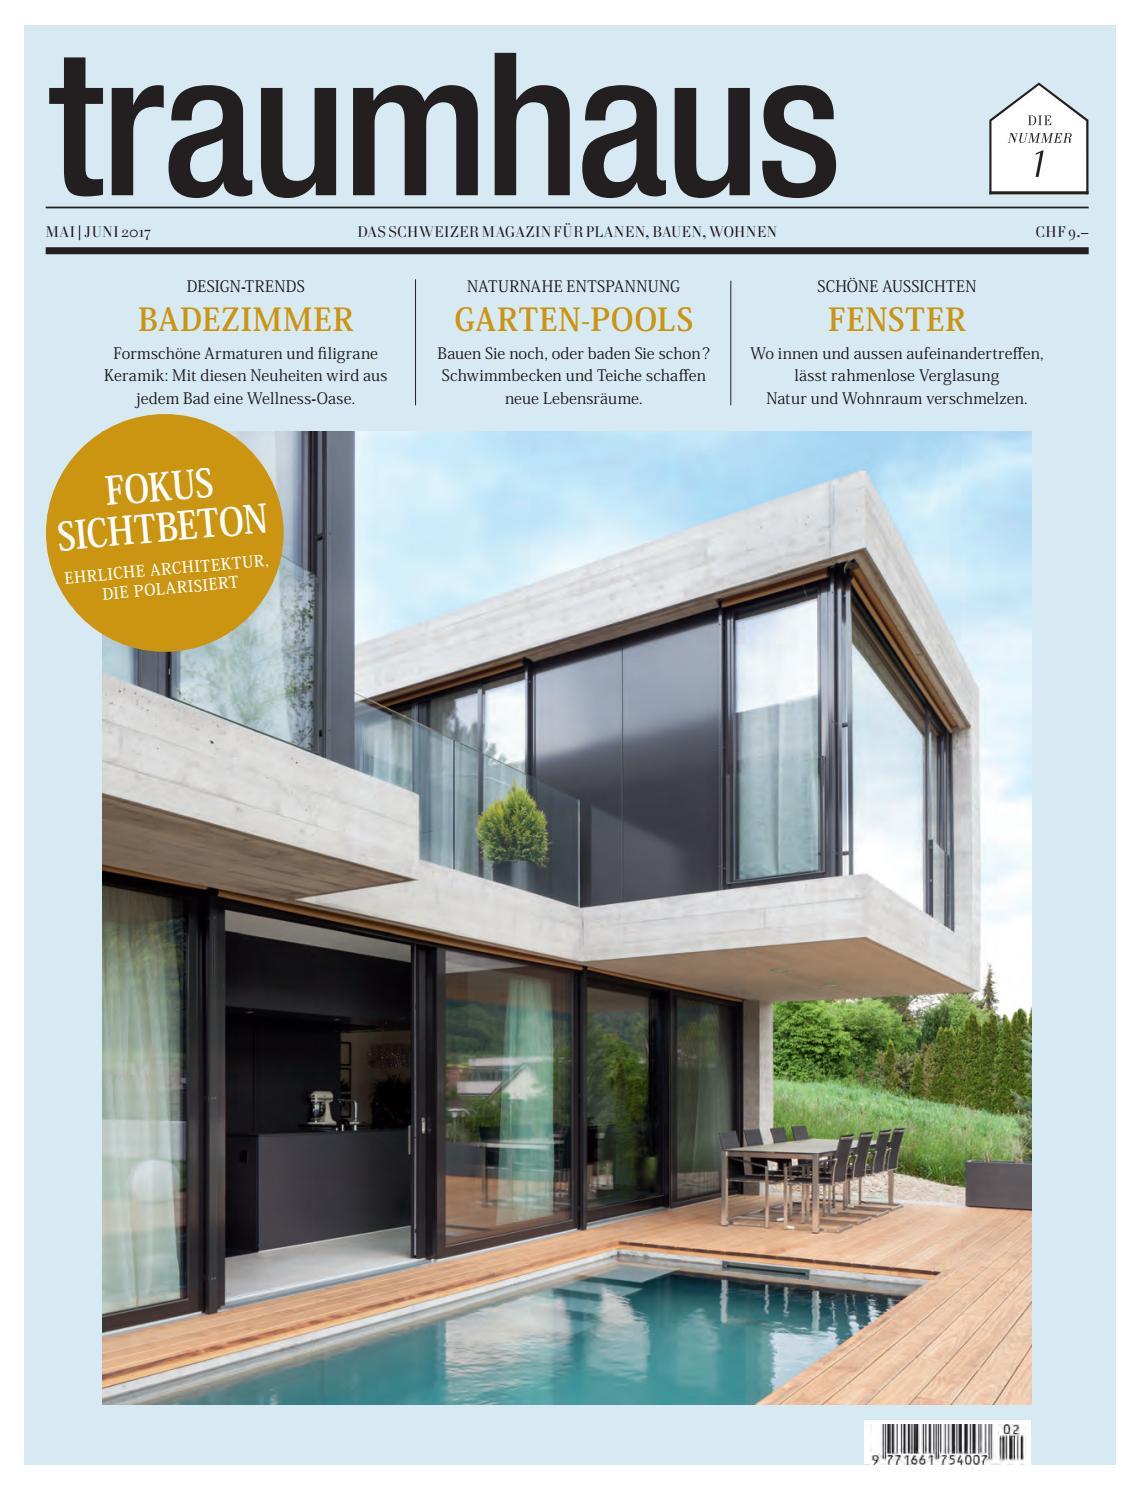 loft wohnung buhne gestalterische kreativitat, traumhaus 02 2017 by bl verlag ag - issuu, Design ideen